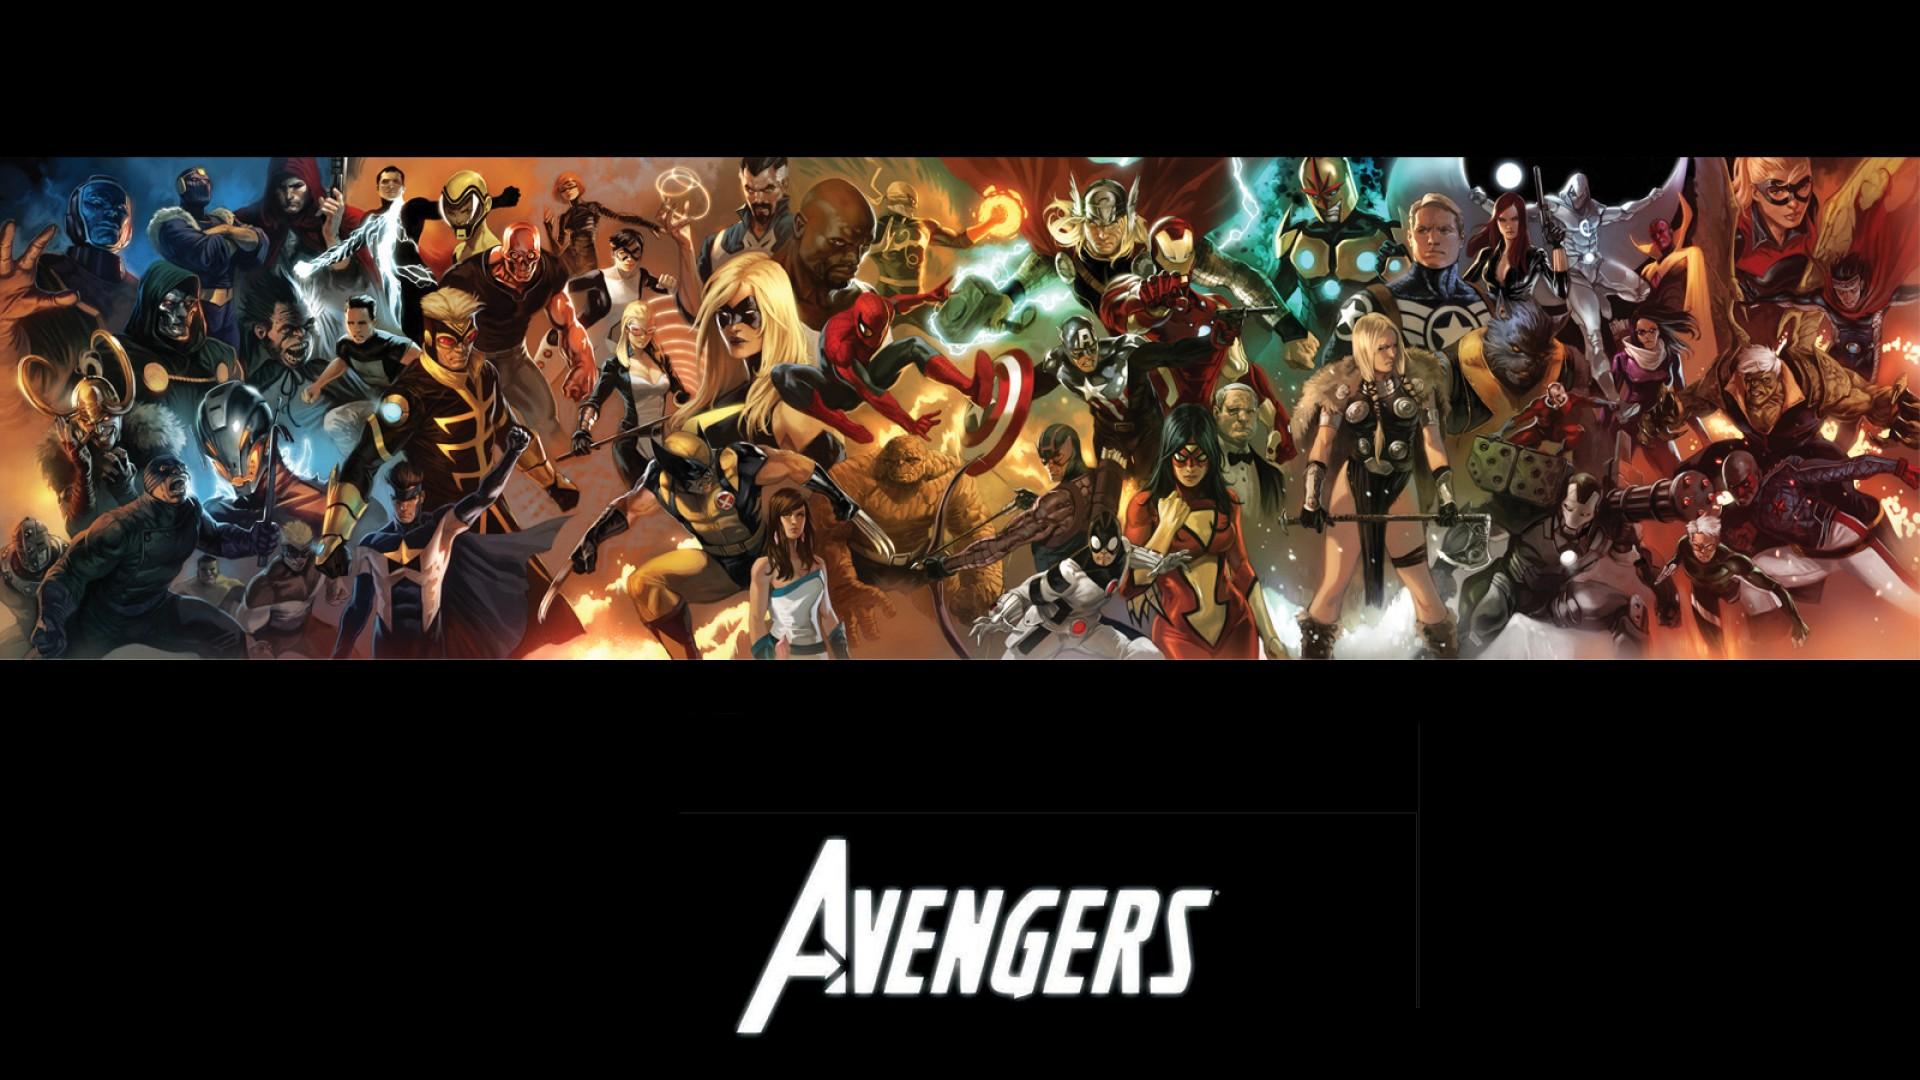 http://2.bp.blogspot.com/-NZZRc4CLMRY/UDndVkDOCsI/AAAAAAAAD_E/IE9l2A4MtzM/s1920/all-avengers1080.jpg